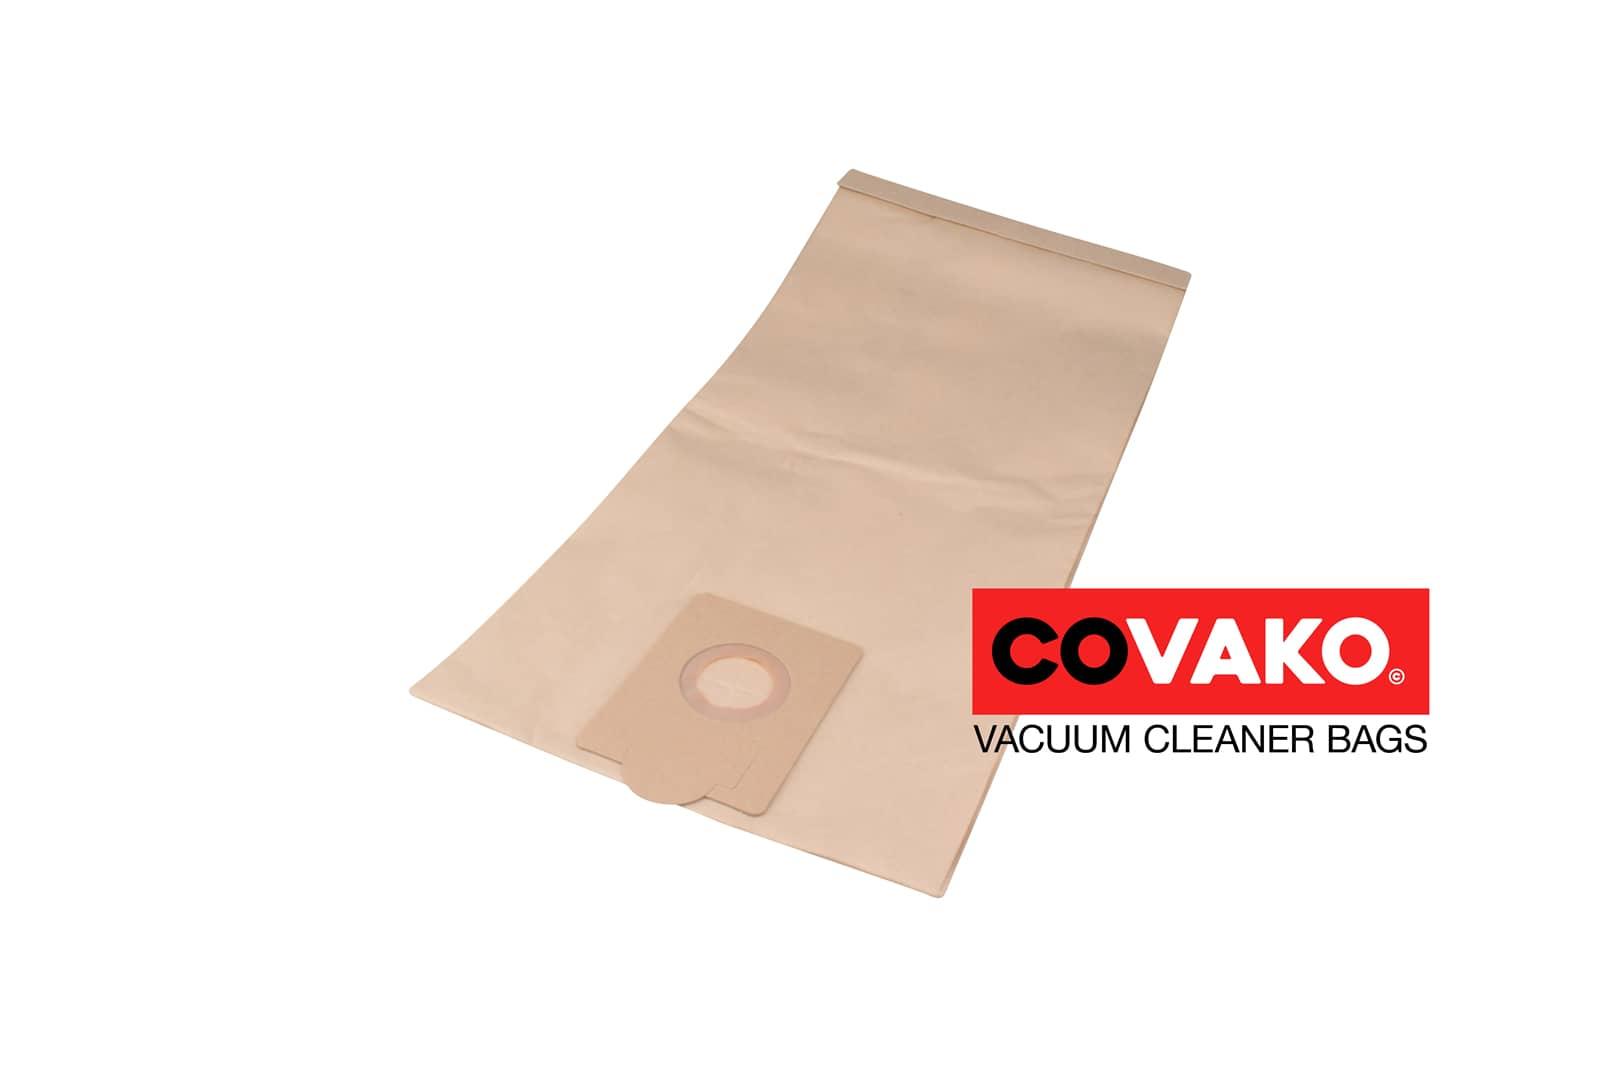 Clean a la Card K103200943 / Papier - Clean a la Card sacs d'aspirateur